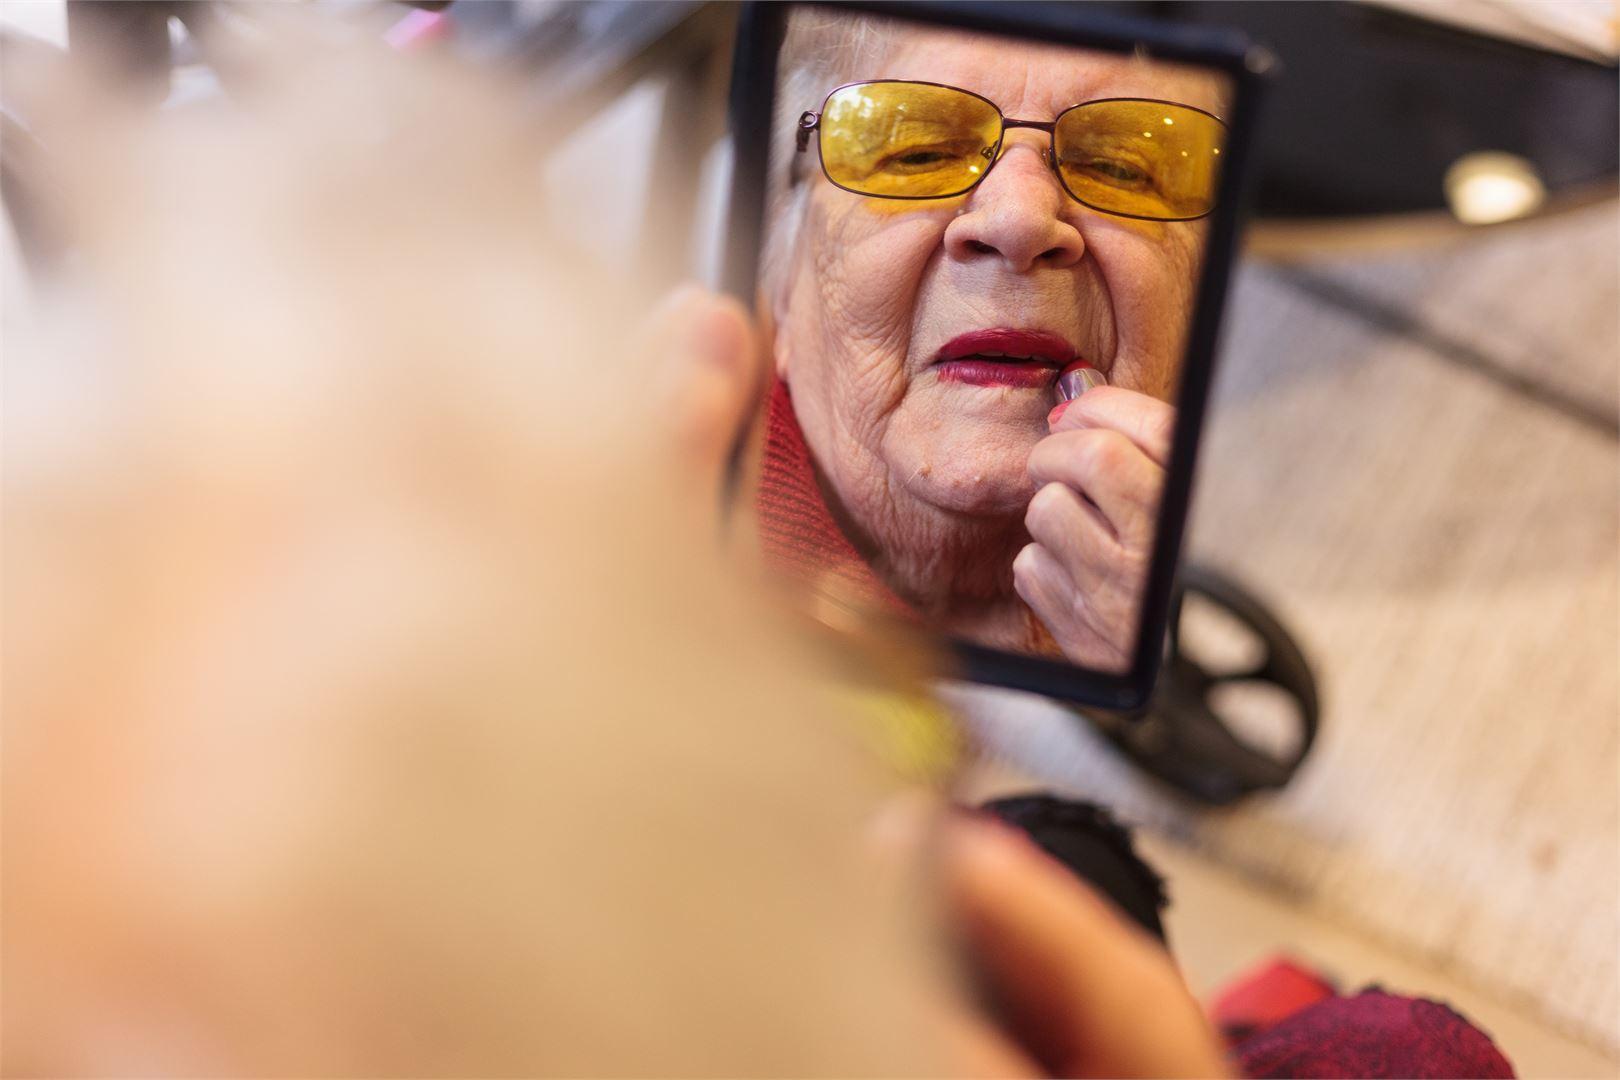 Aune Kallioinen oli vähällä menettää näkönsä, joten nyt hän osaa arvostaa näkemäänsä kauneutta entistä enemmän. Kuva Satu Keski-Rahkonen